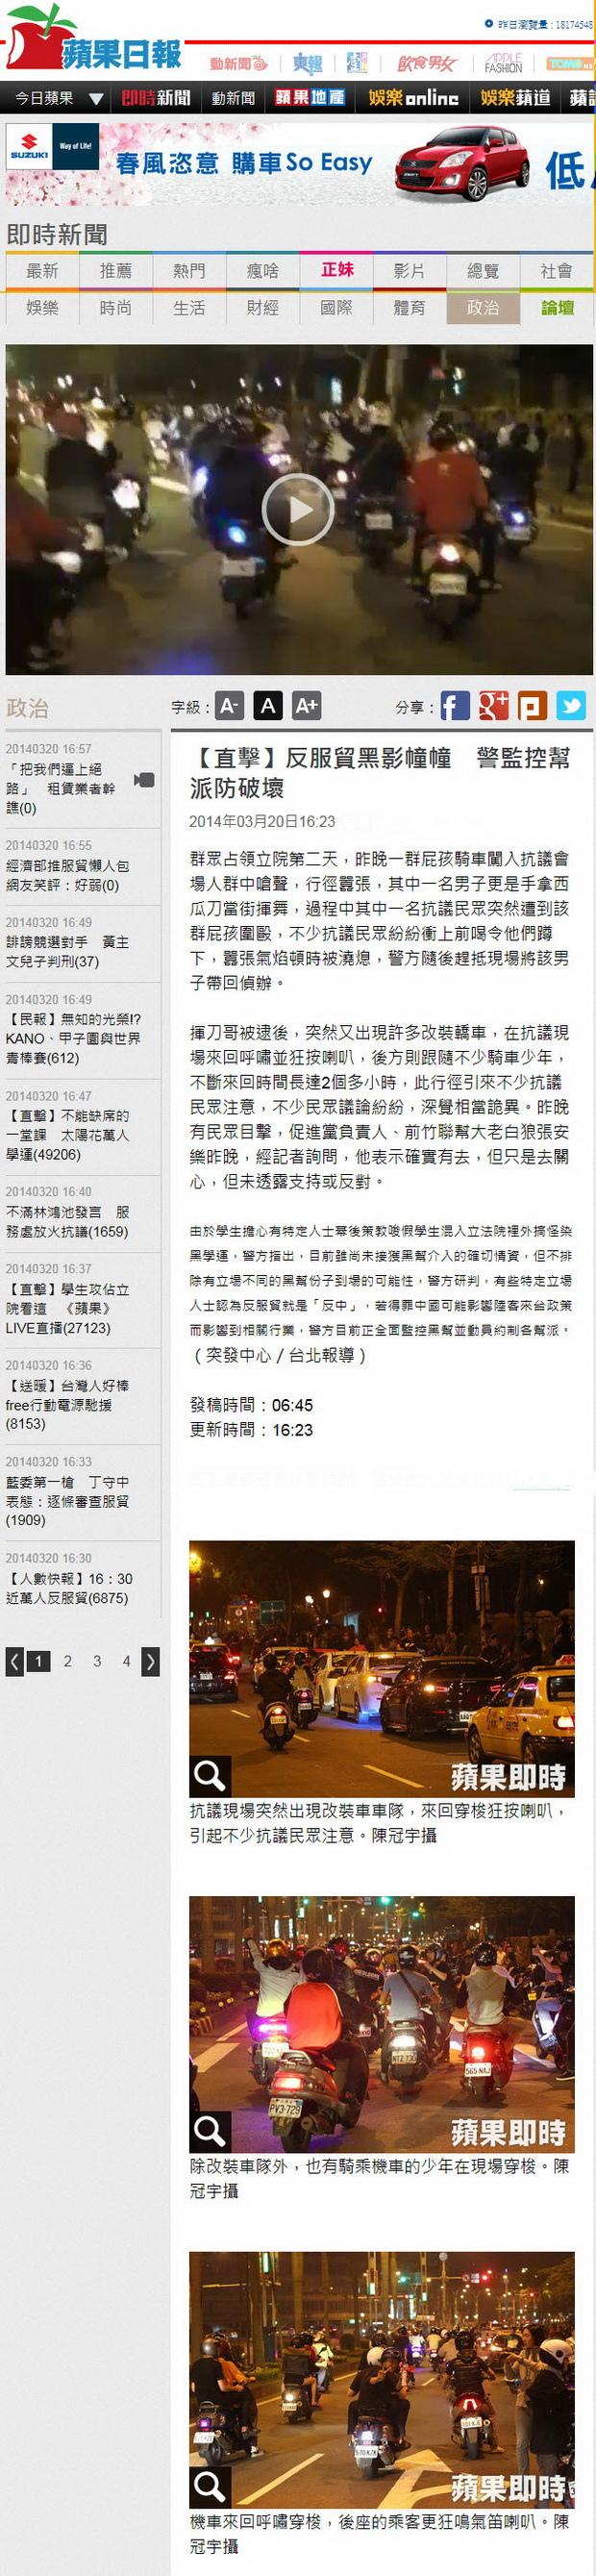 【直擊】反服貿黑影幢幢警監控幫派防破壞-2014.03.20.jpg